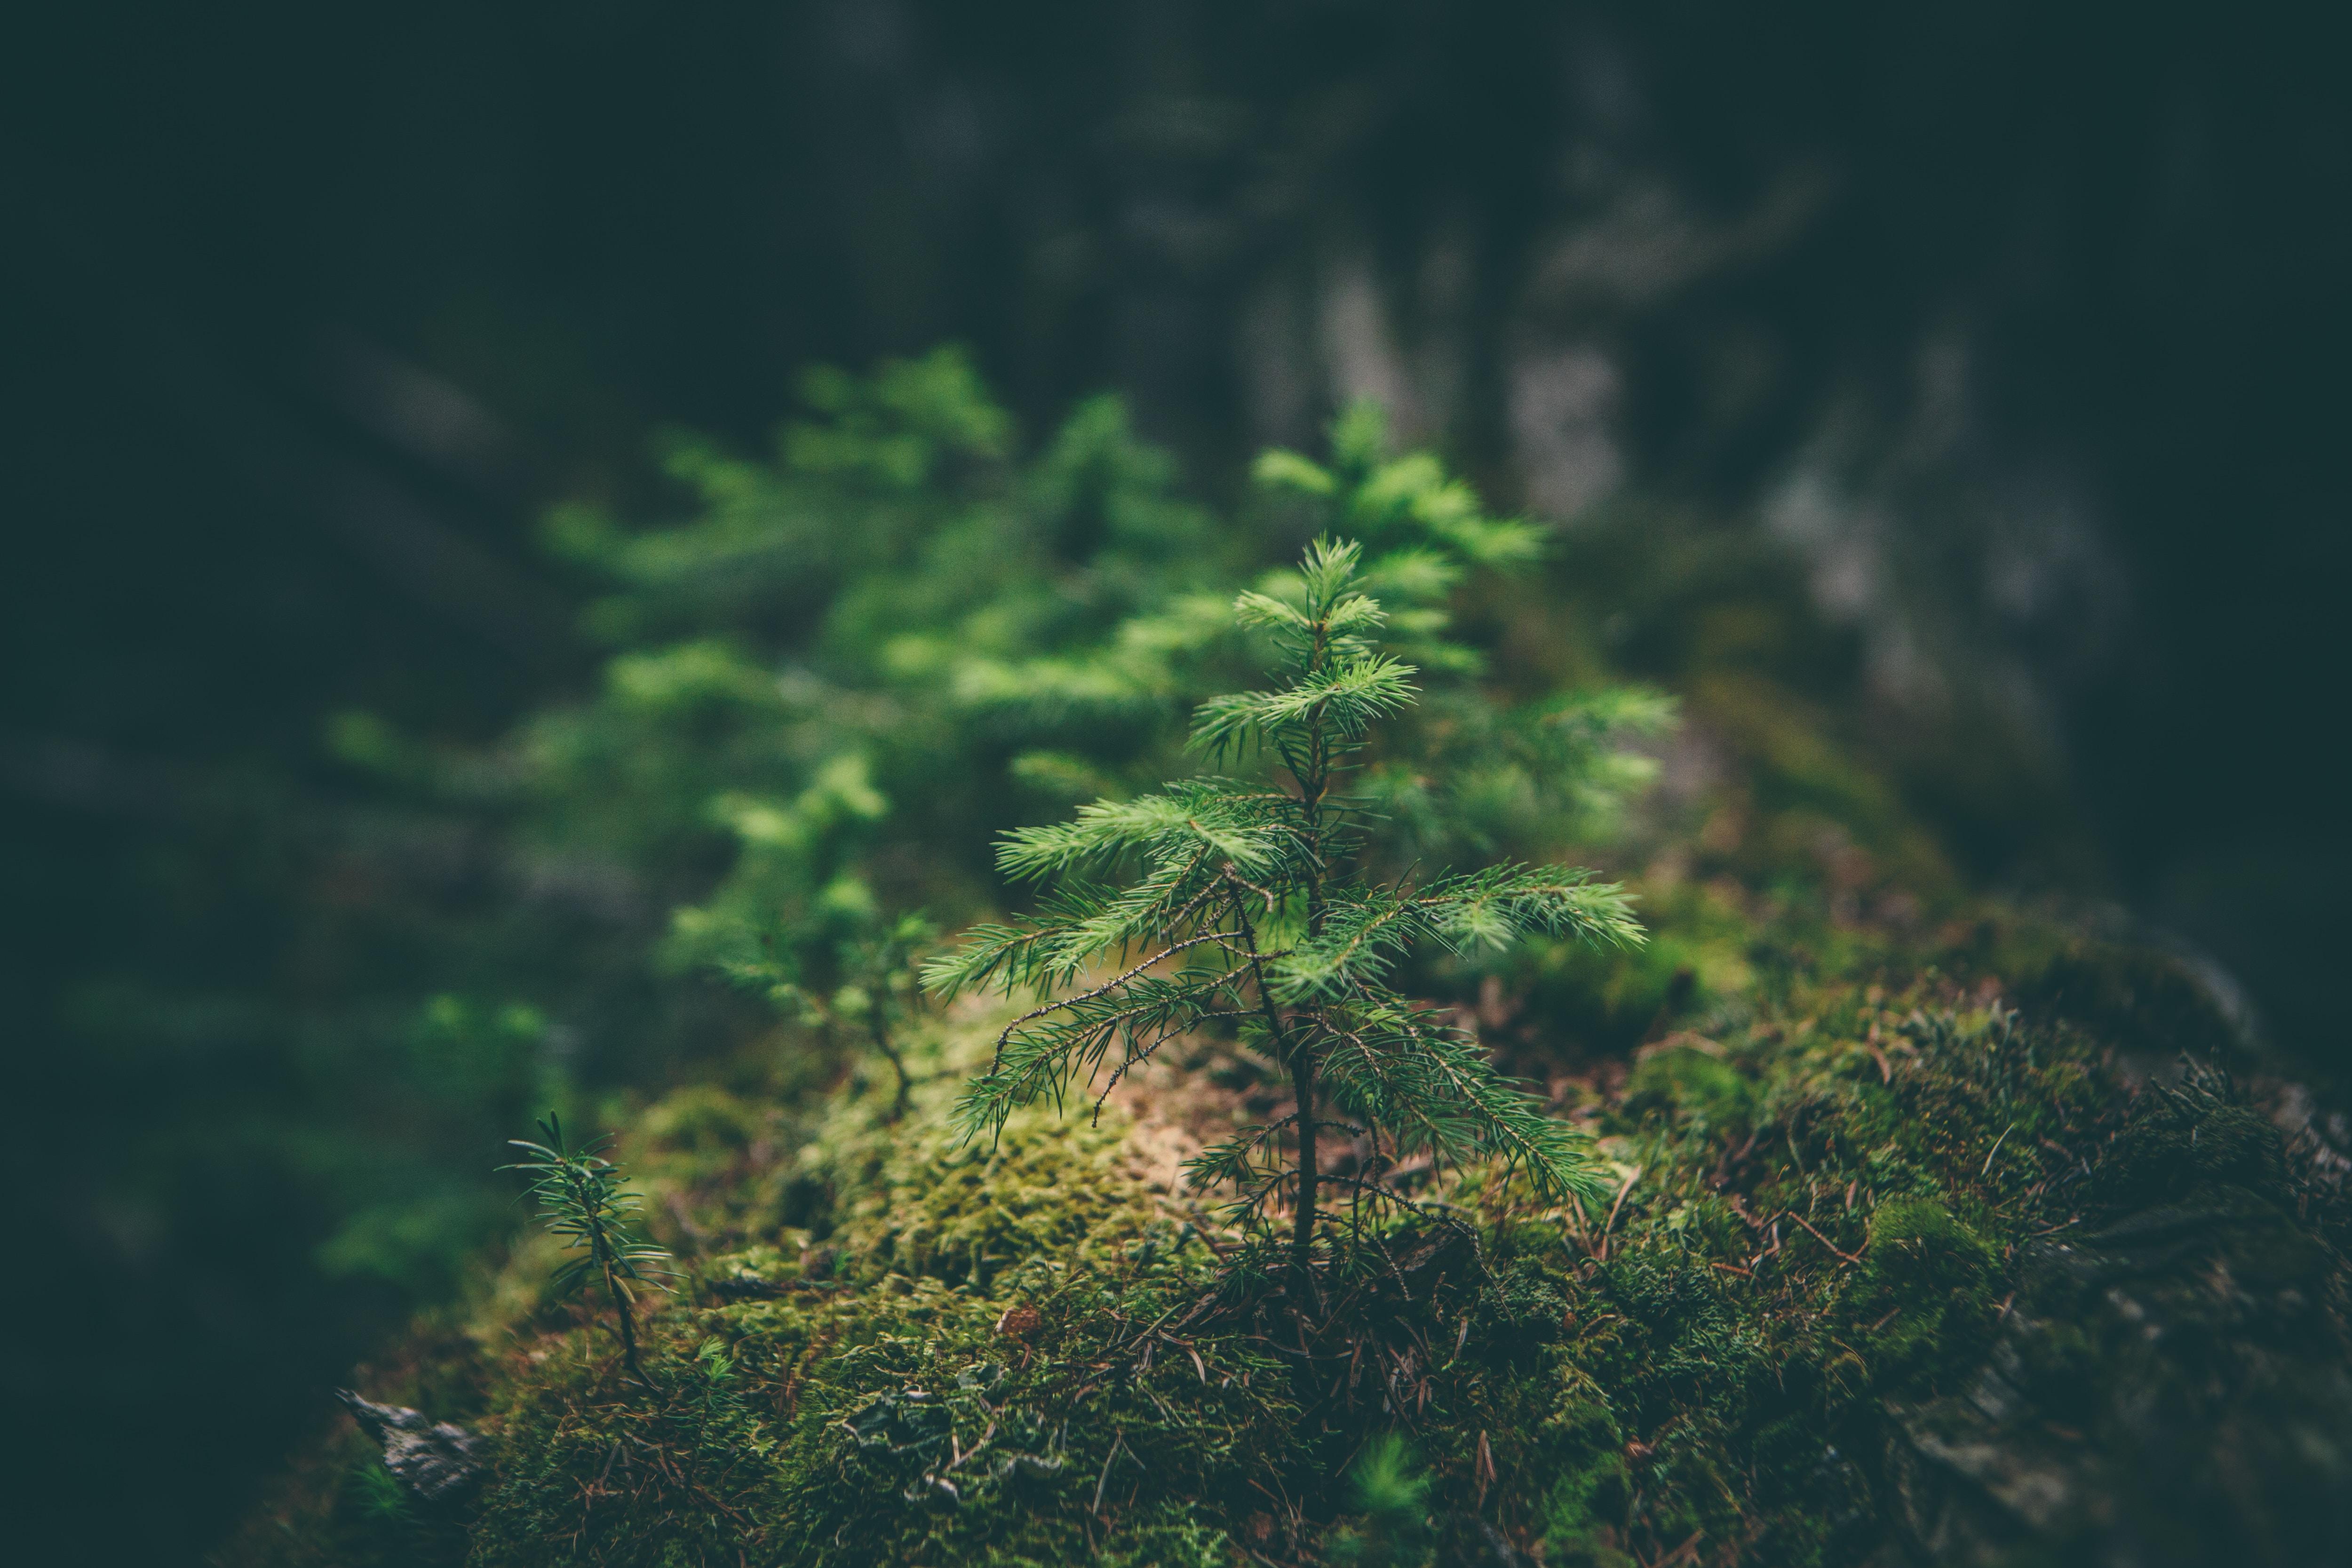 Serenity nature stories